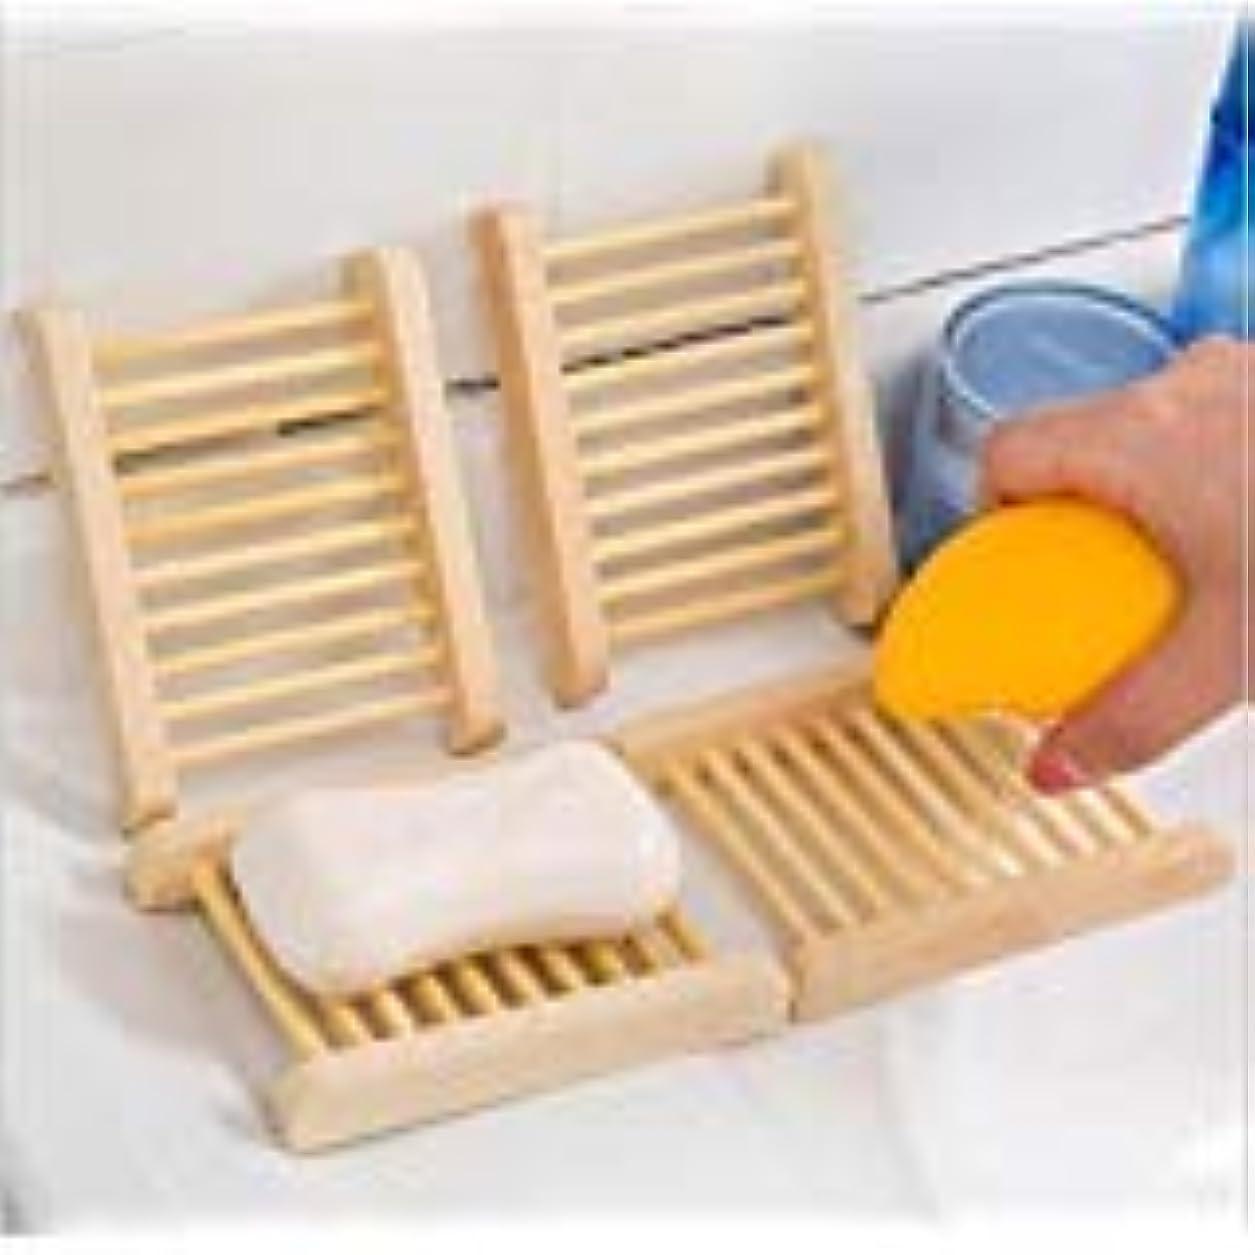 スペース受付アルバニーKINGZUO ソープトレー せっけんトレー 石鹸置き石鹸置き 石鹸ボックス ソープディッシュ 水切り お風呂 バス用品 木製 4個入り